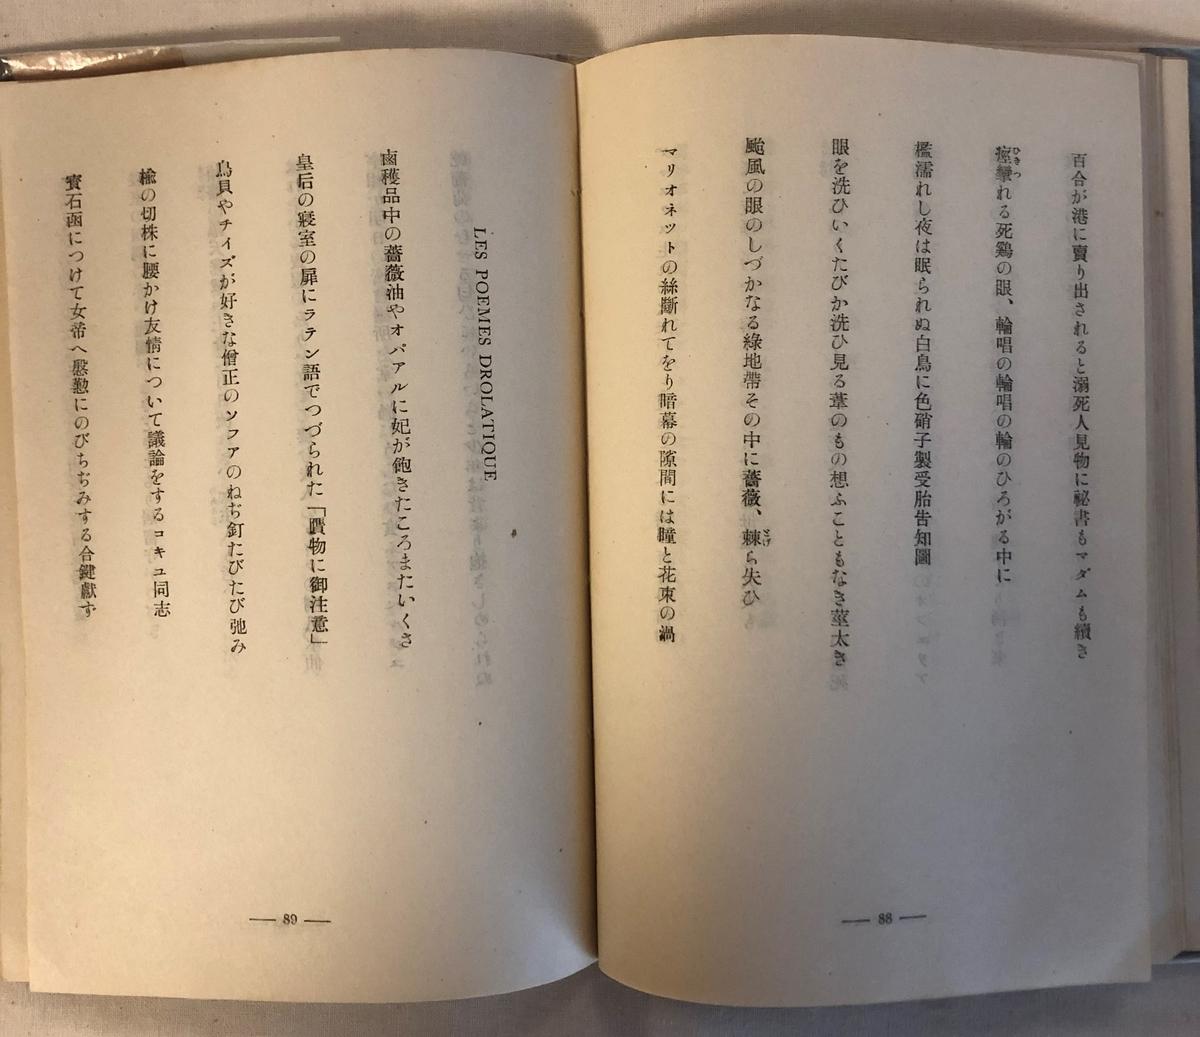 f:id:yomoyamayomoyama:20190417180101j:plain